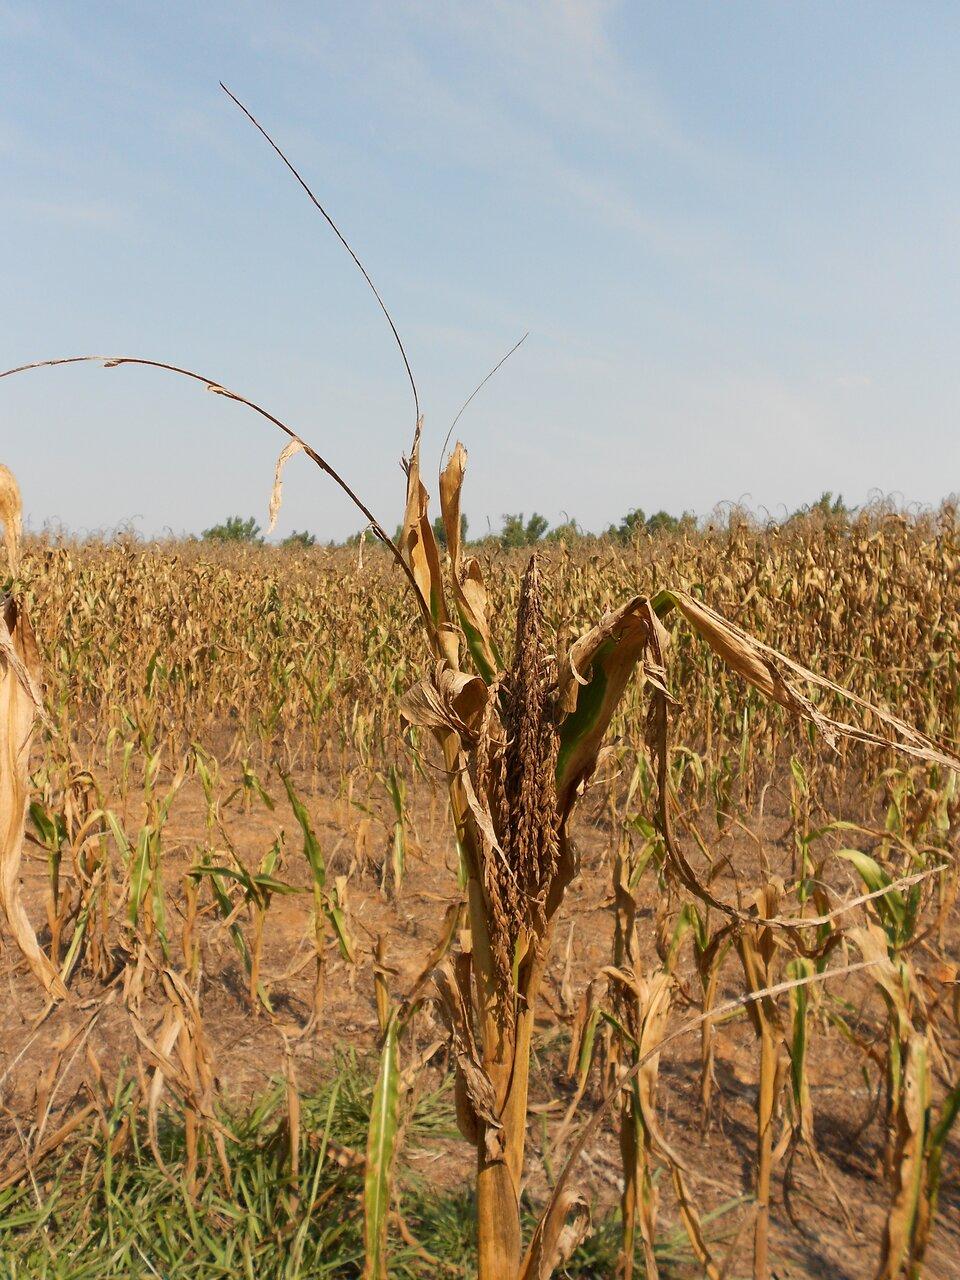 Fotografia przedstawia pole wyschniętej kukurydzy, zopuszczonymi, brązowymi liśćmi. Na pierwszym planie znajduje się jedna zeschnięta roślina wzbliżeniu. Tym roślinom brakuje wody, dlatego więdną iusychają.